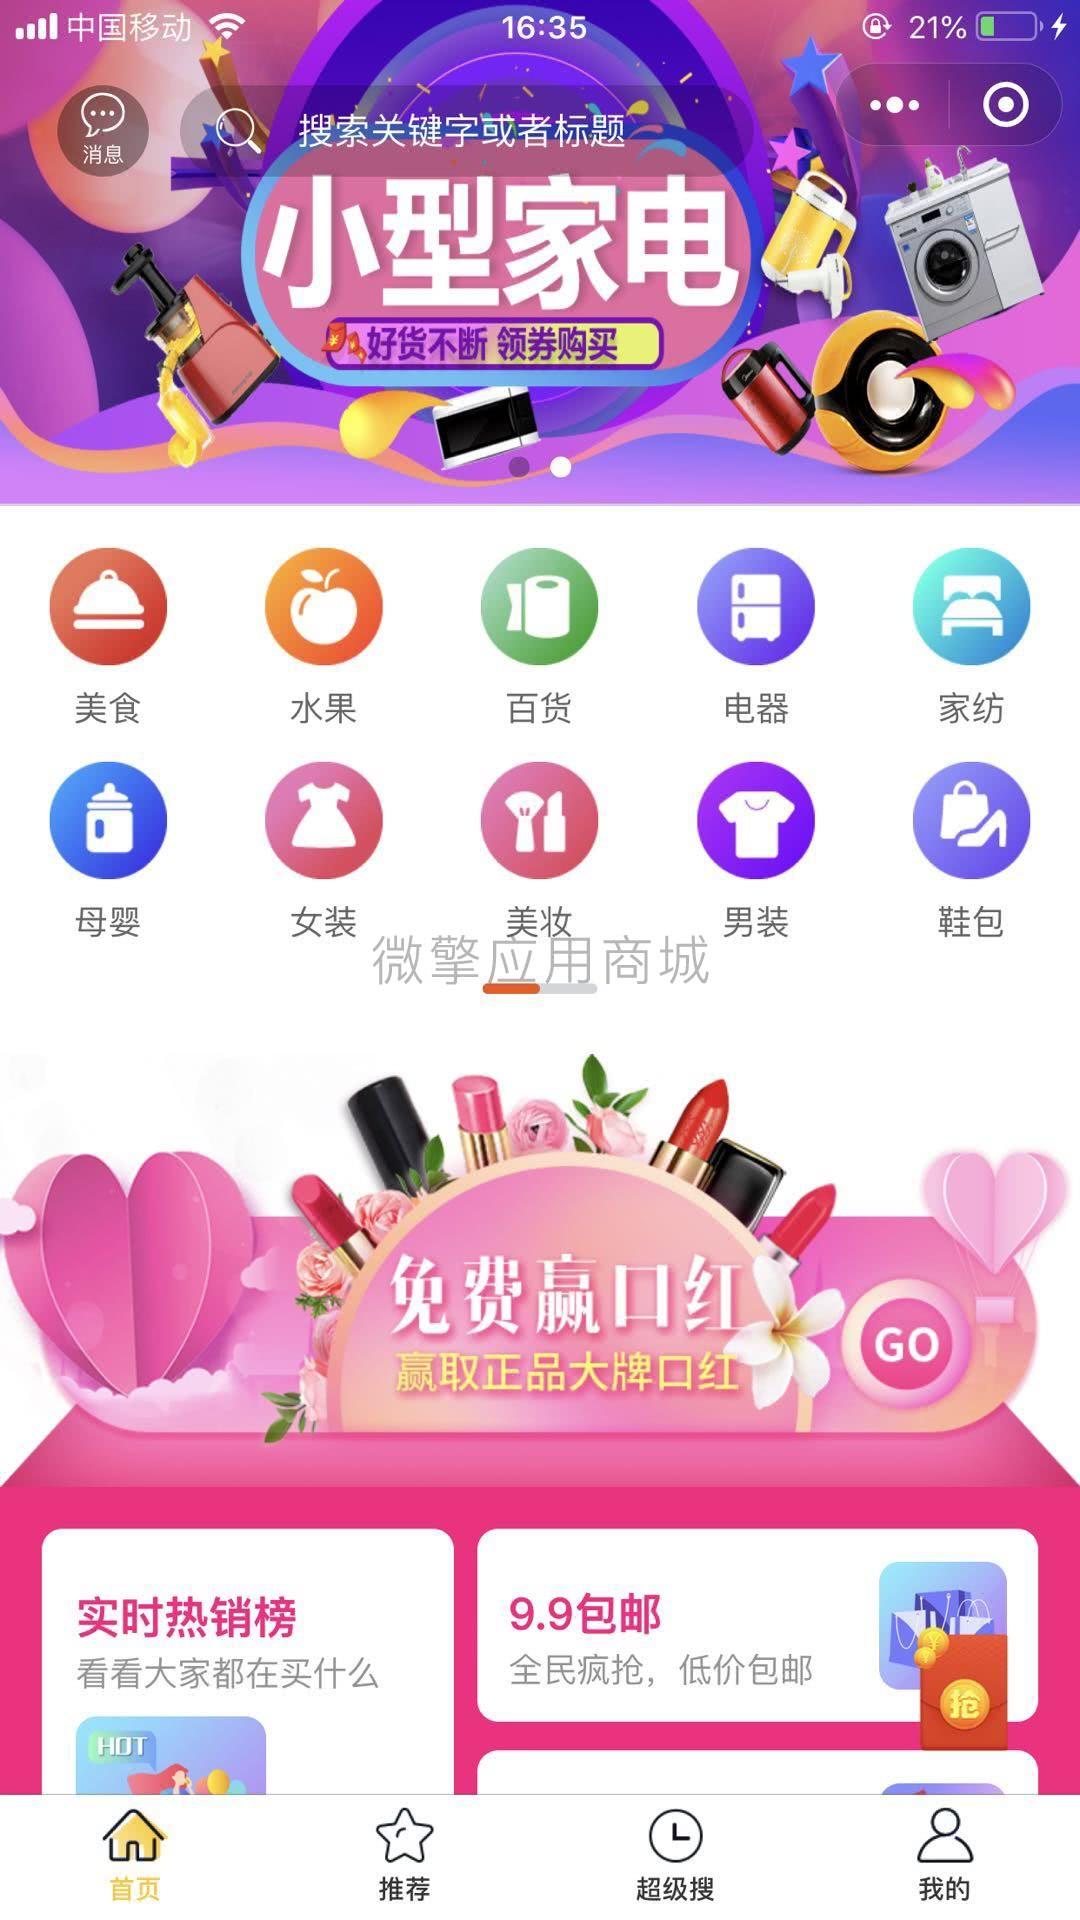 拼多多客京东客蘑菇街 9.6.2 版本 微擎小程序 前端+后端